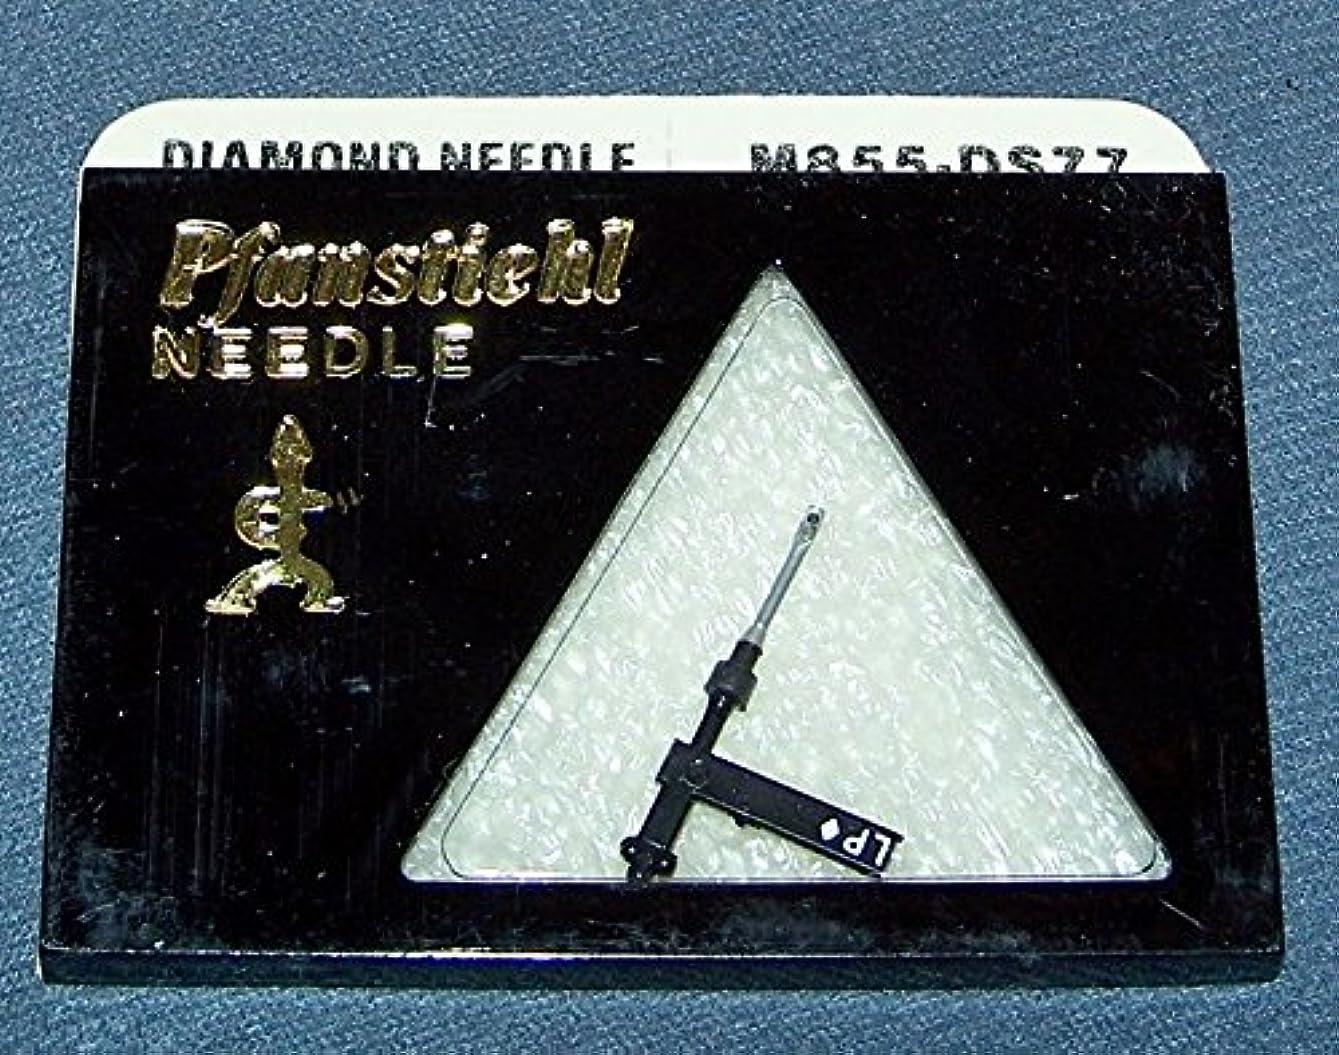 する必要があるラッシュステージDurpower Phonograph Record Player Turntable Needle For NEEDLES ELECTRO HOME 16-250036-02 1625003602 16-250037-04 1625003704 by Durpower